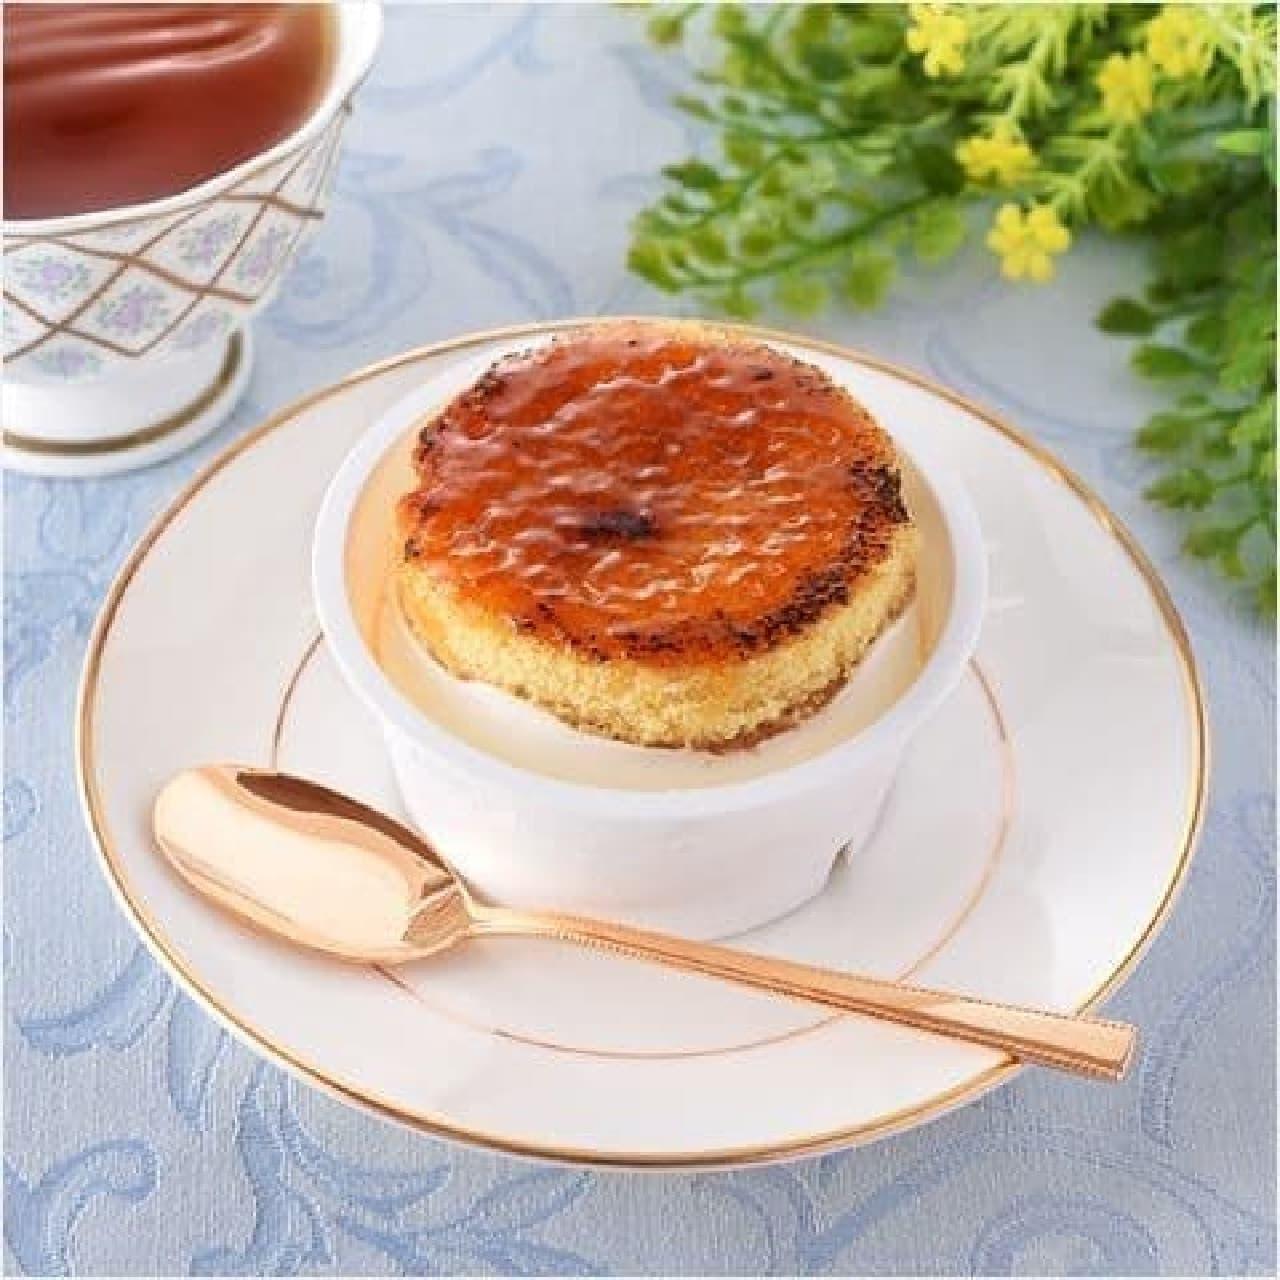 ファミリーマート「香ばしブリュレのチーズケーキ」